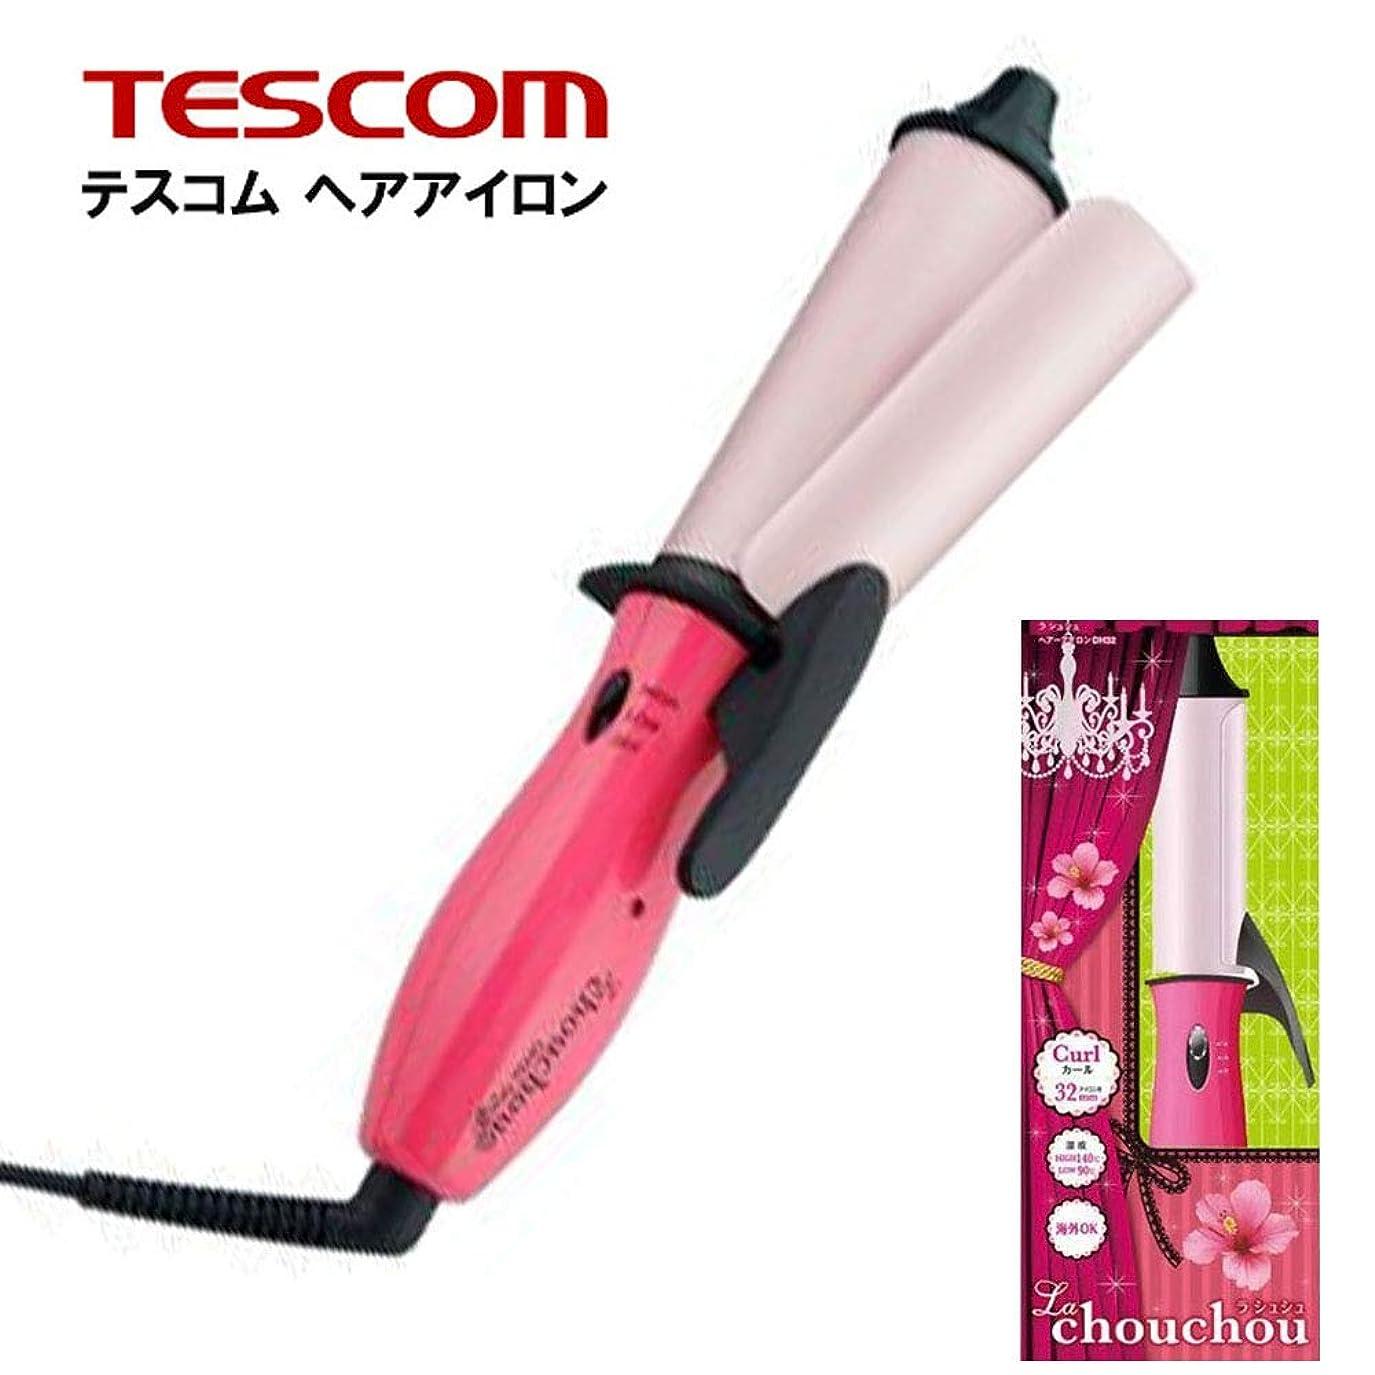 テレビ電極正直TESCOM カールアイロン 32mm 温度調節 海外使用 可能 / プロ 仕様 セラミック コテ 巻き髪 ホットカーラー ゆる巻き